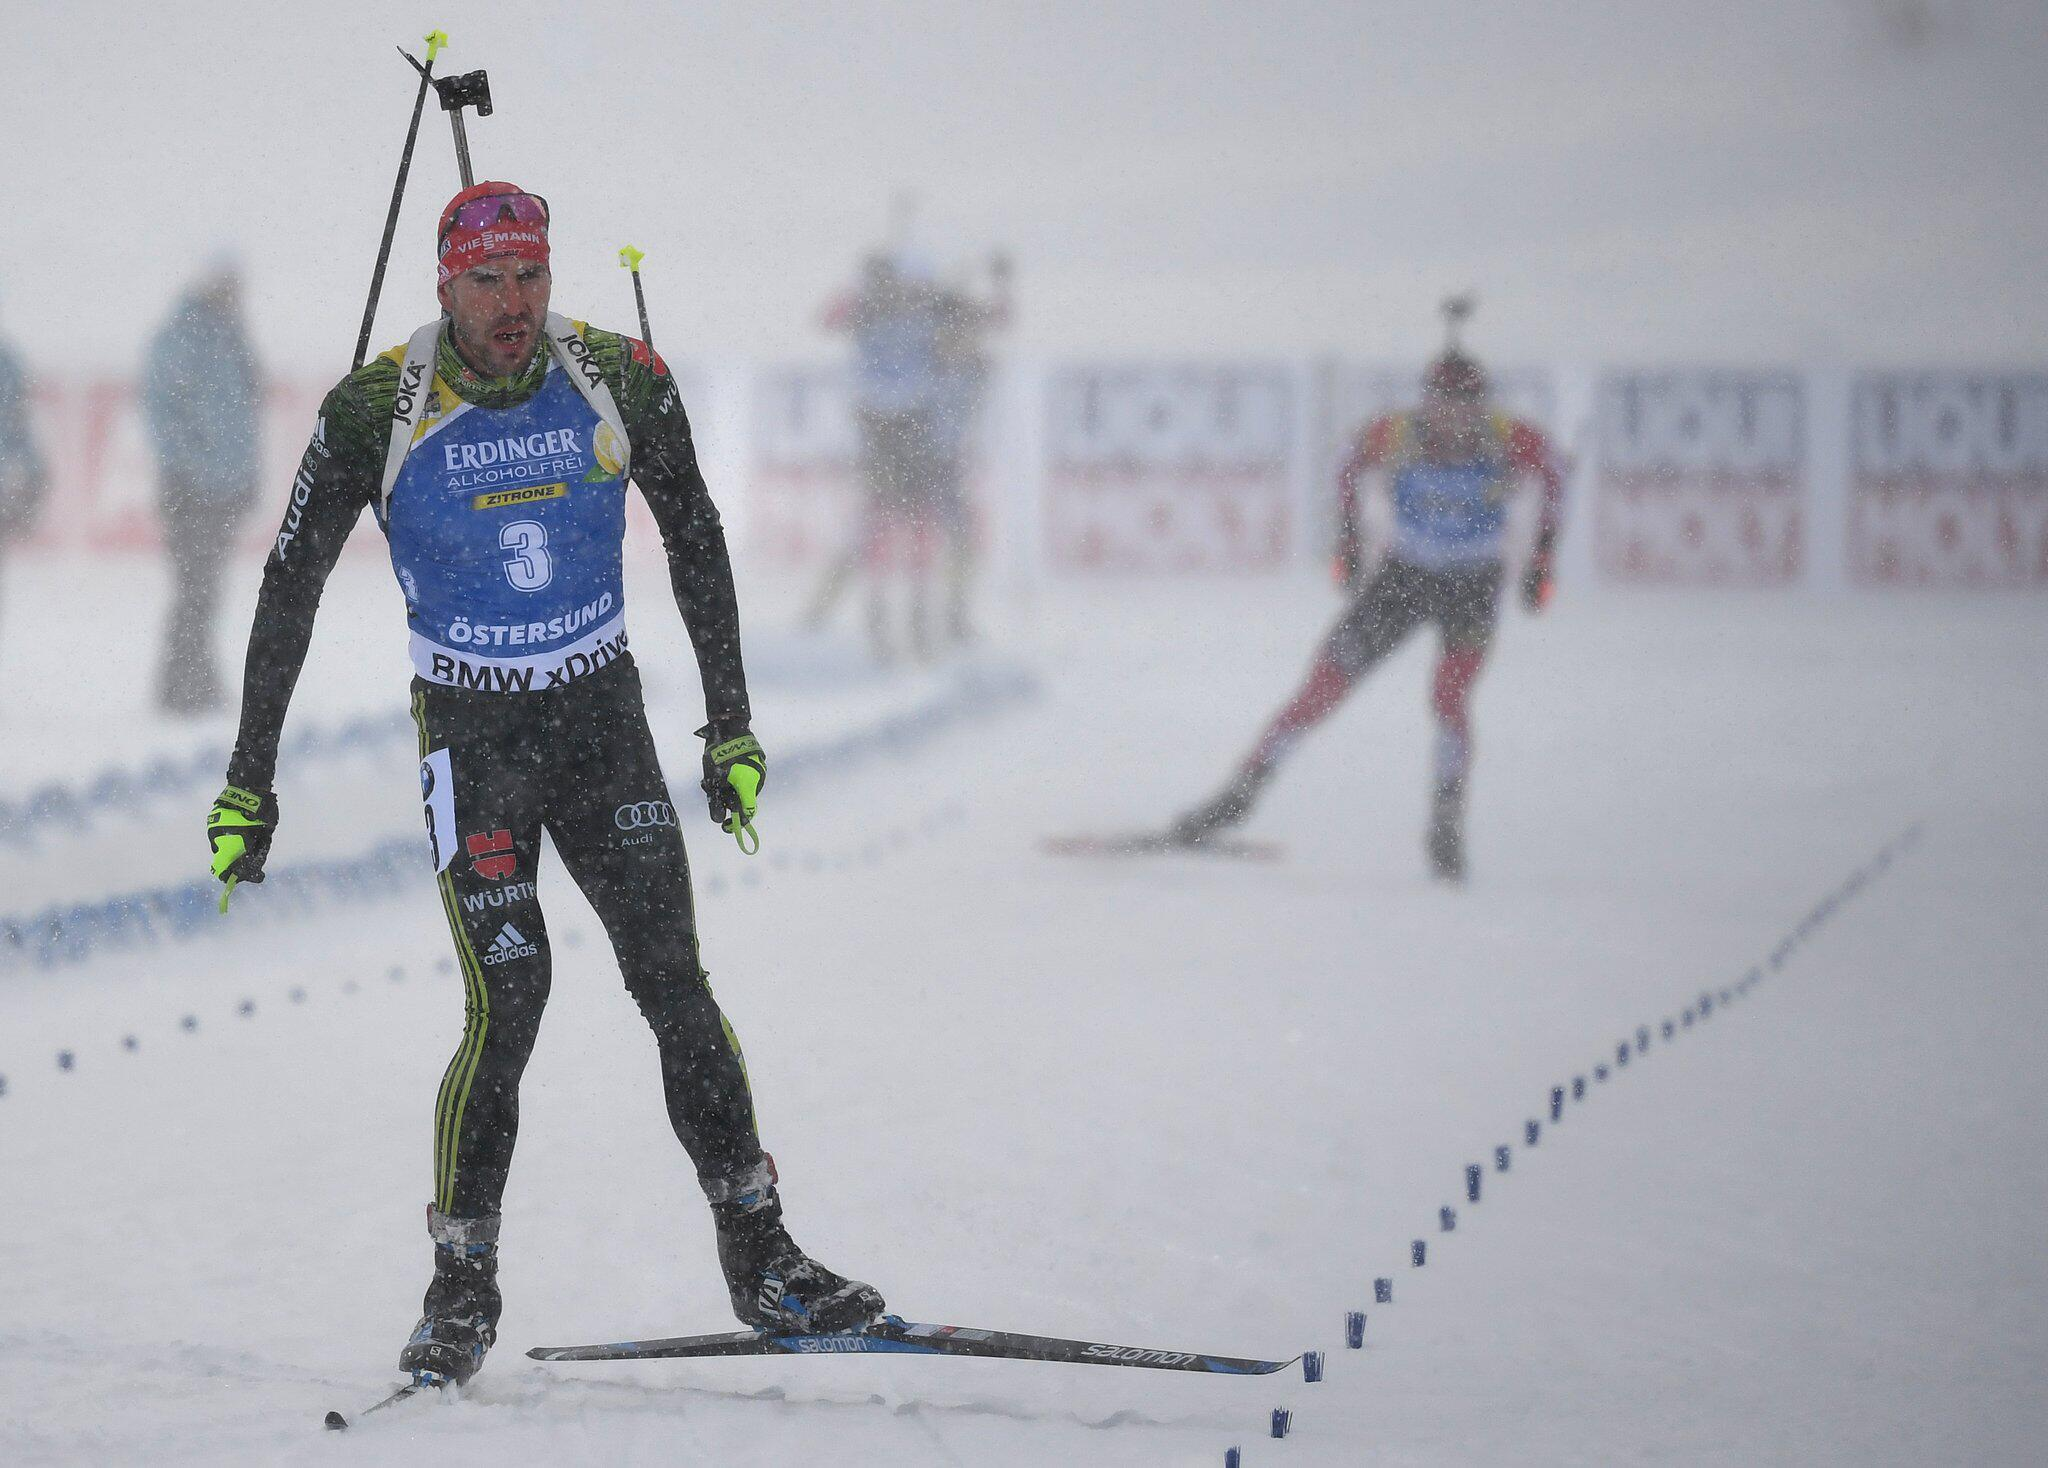 Bild zu Biathlon - WM Östersund